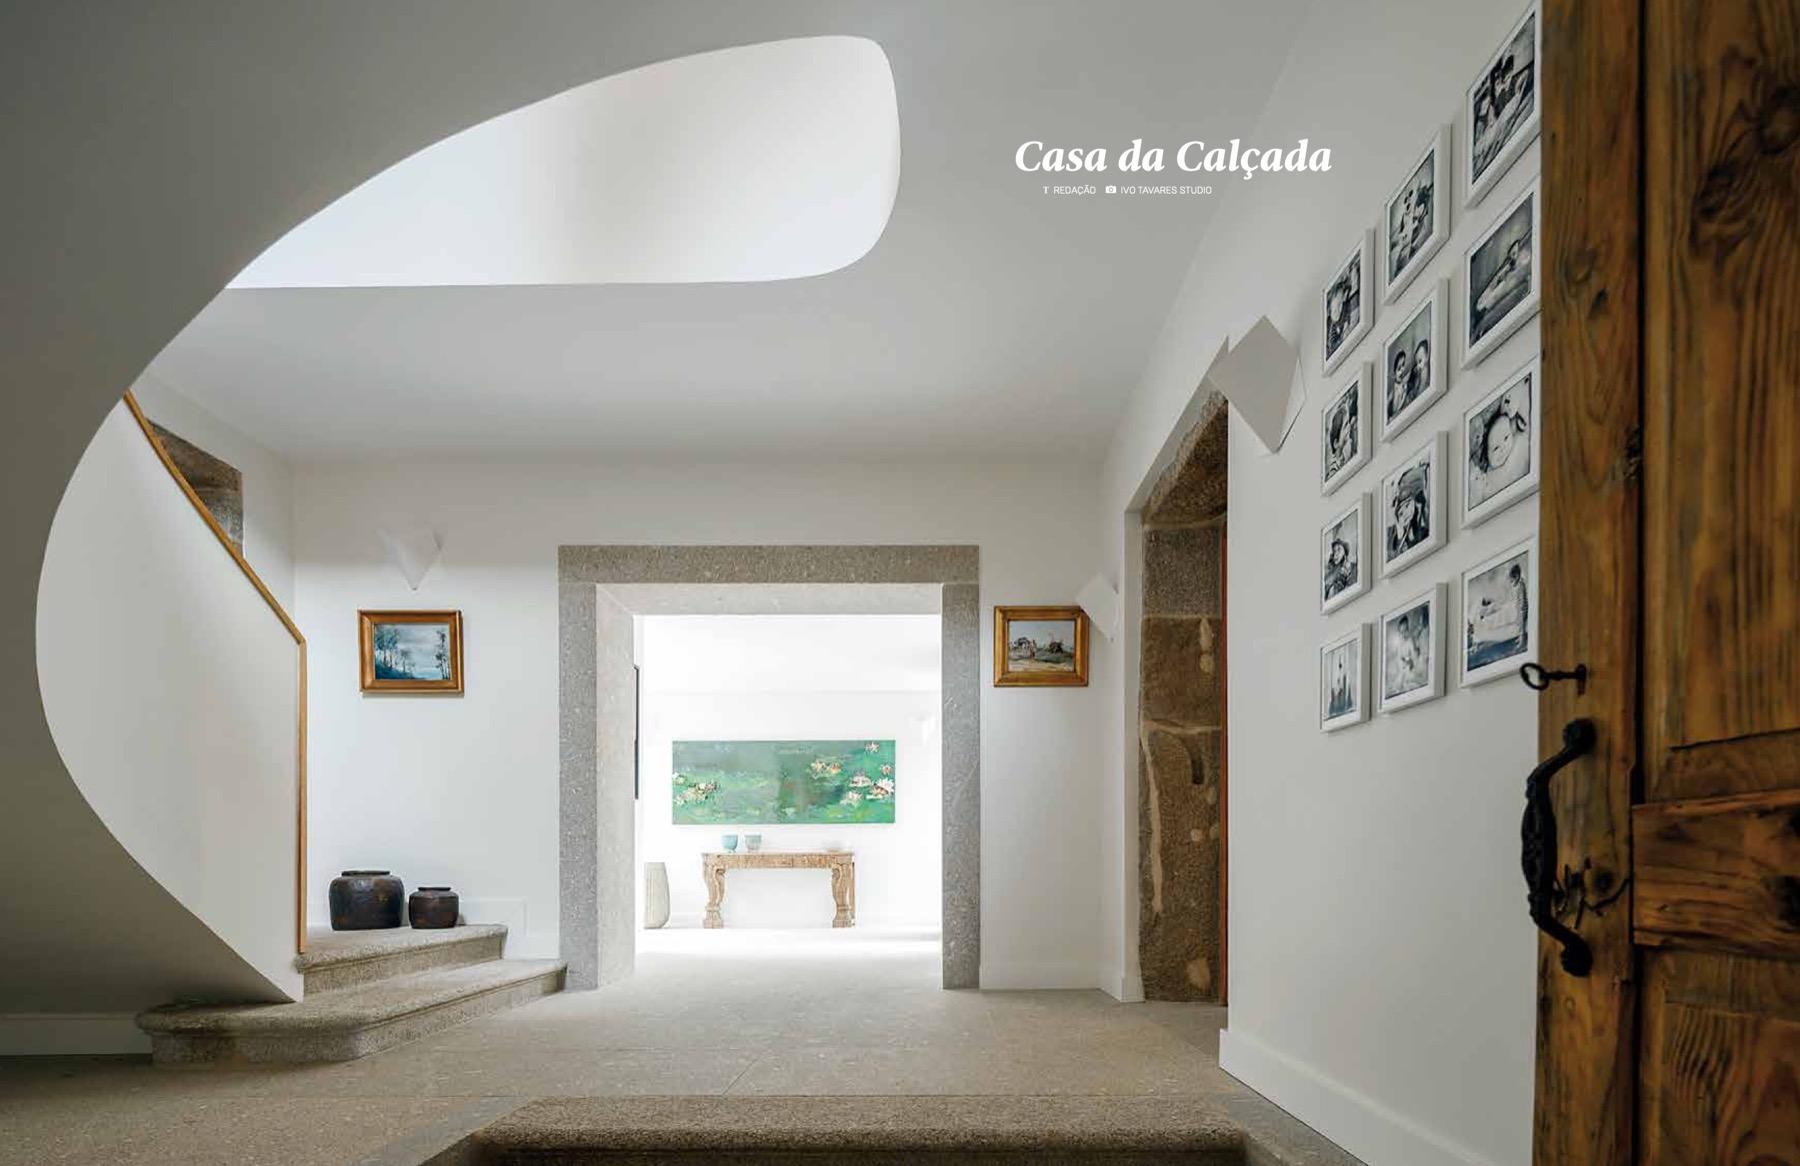 TRENDS 74 Floret Arquitectura Ren Ito RemA 36 36